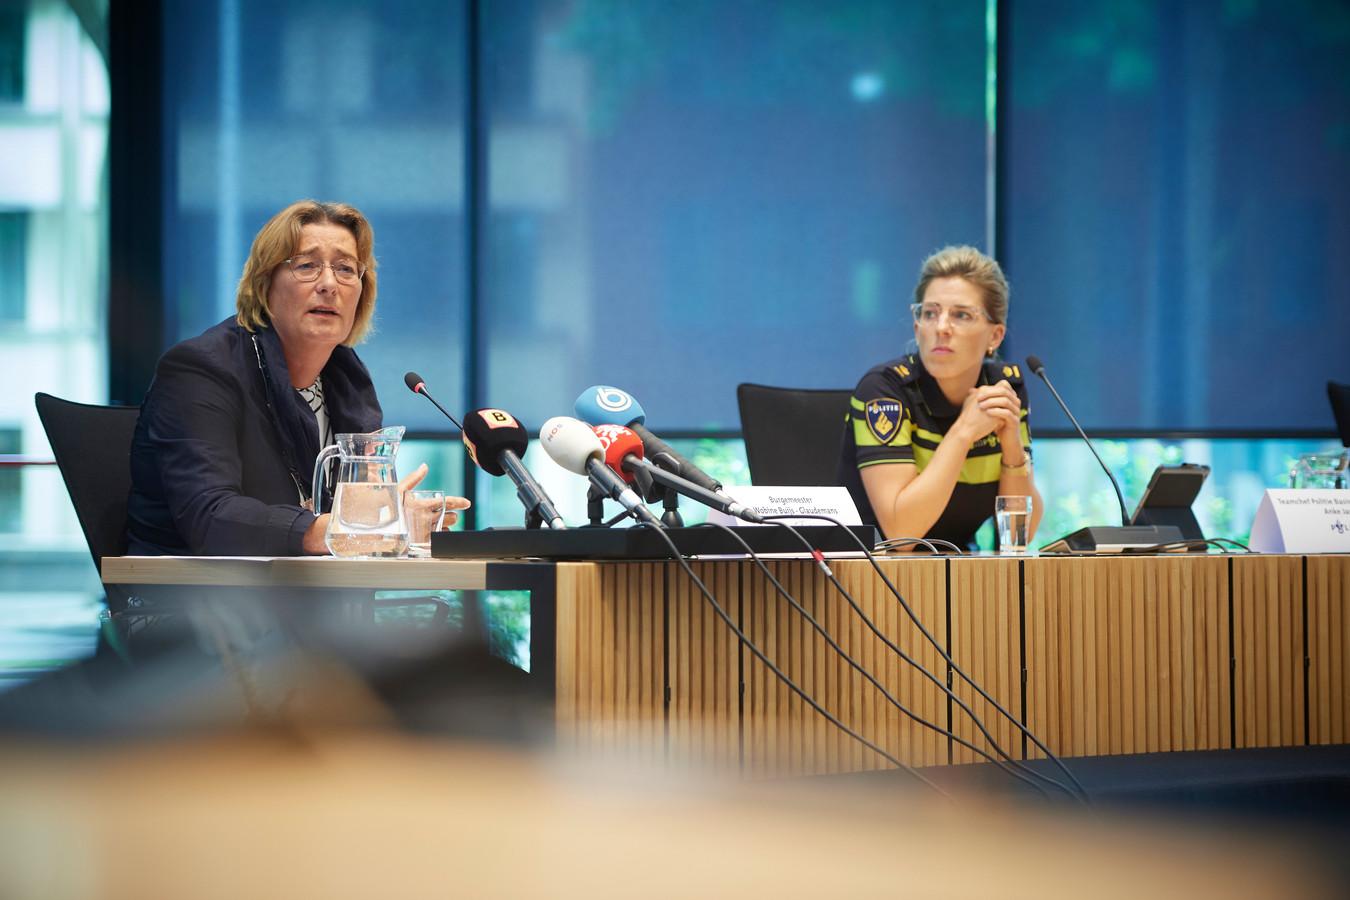 Burgemeester Wobine Buijs van de gemeente Oss (l) en teamchef van de politie Anke Jaspers tijdens de persconferentie over de dood van Arie den Dekker.